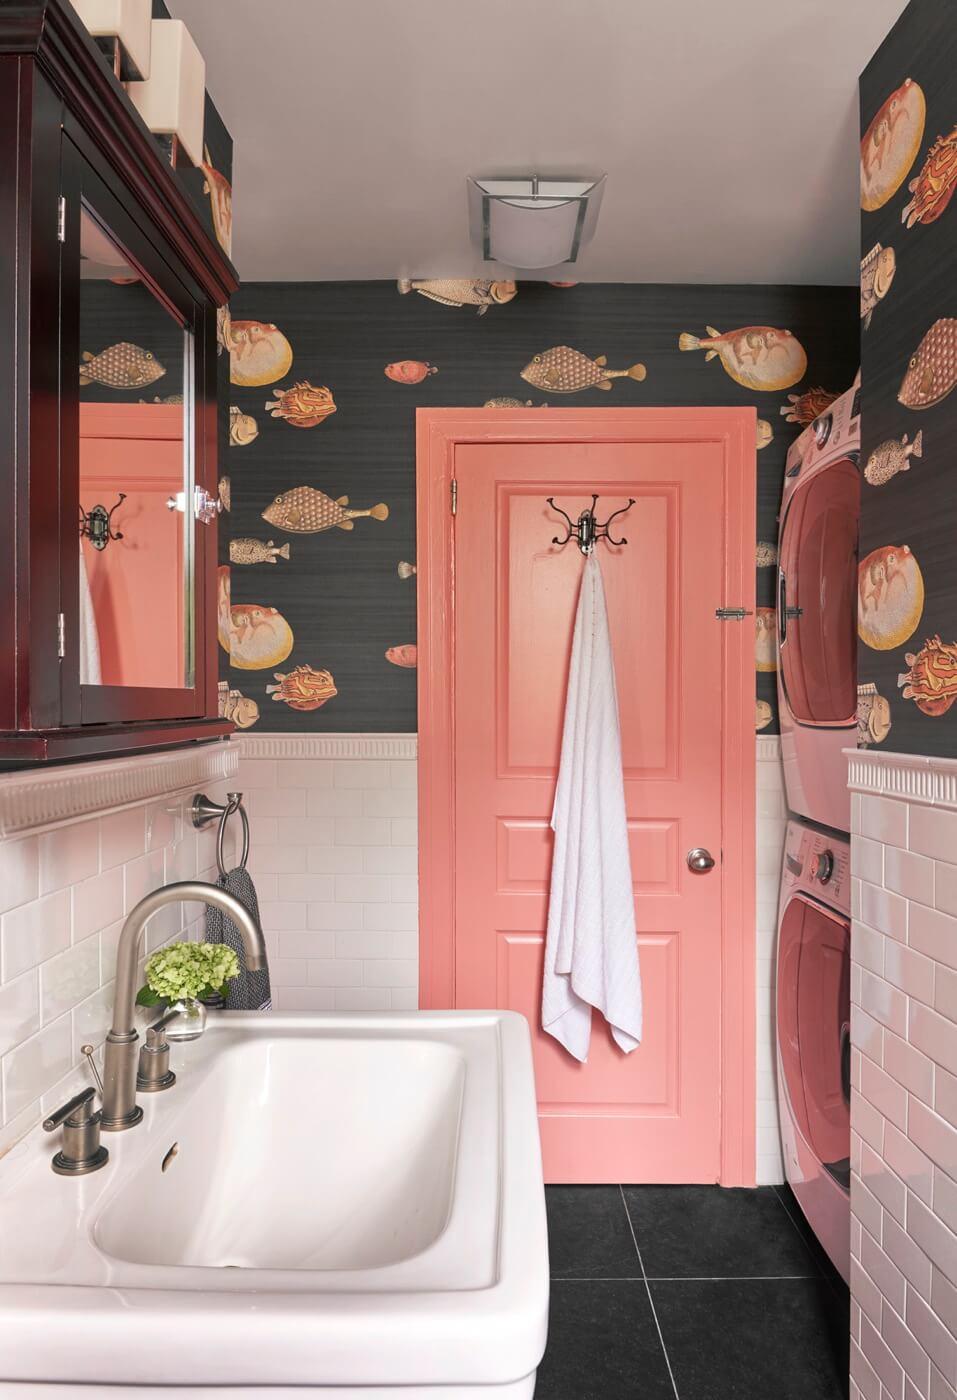 decoration peinture corail salle de bain